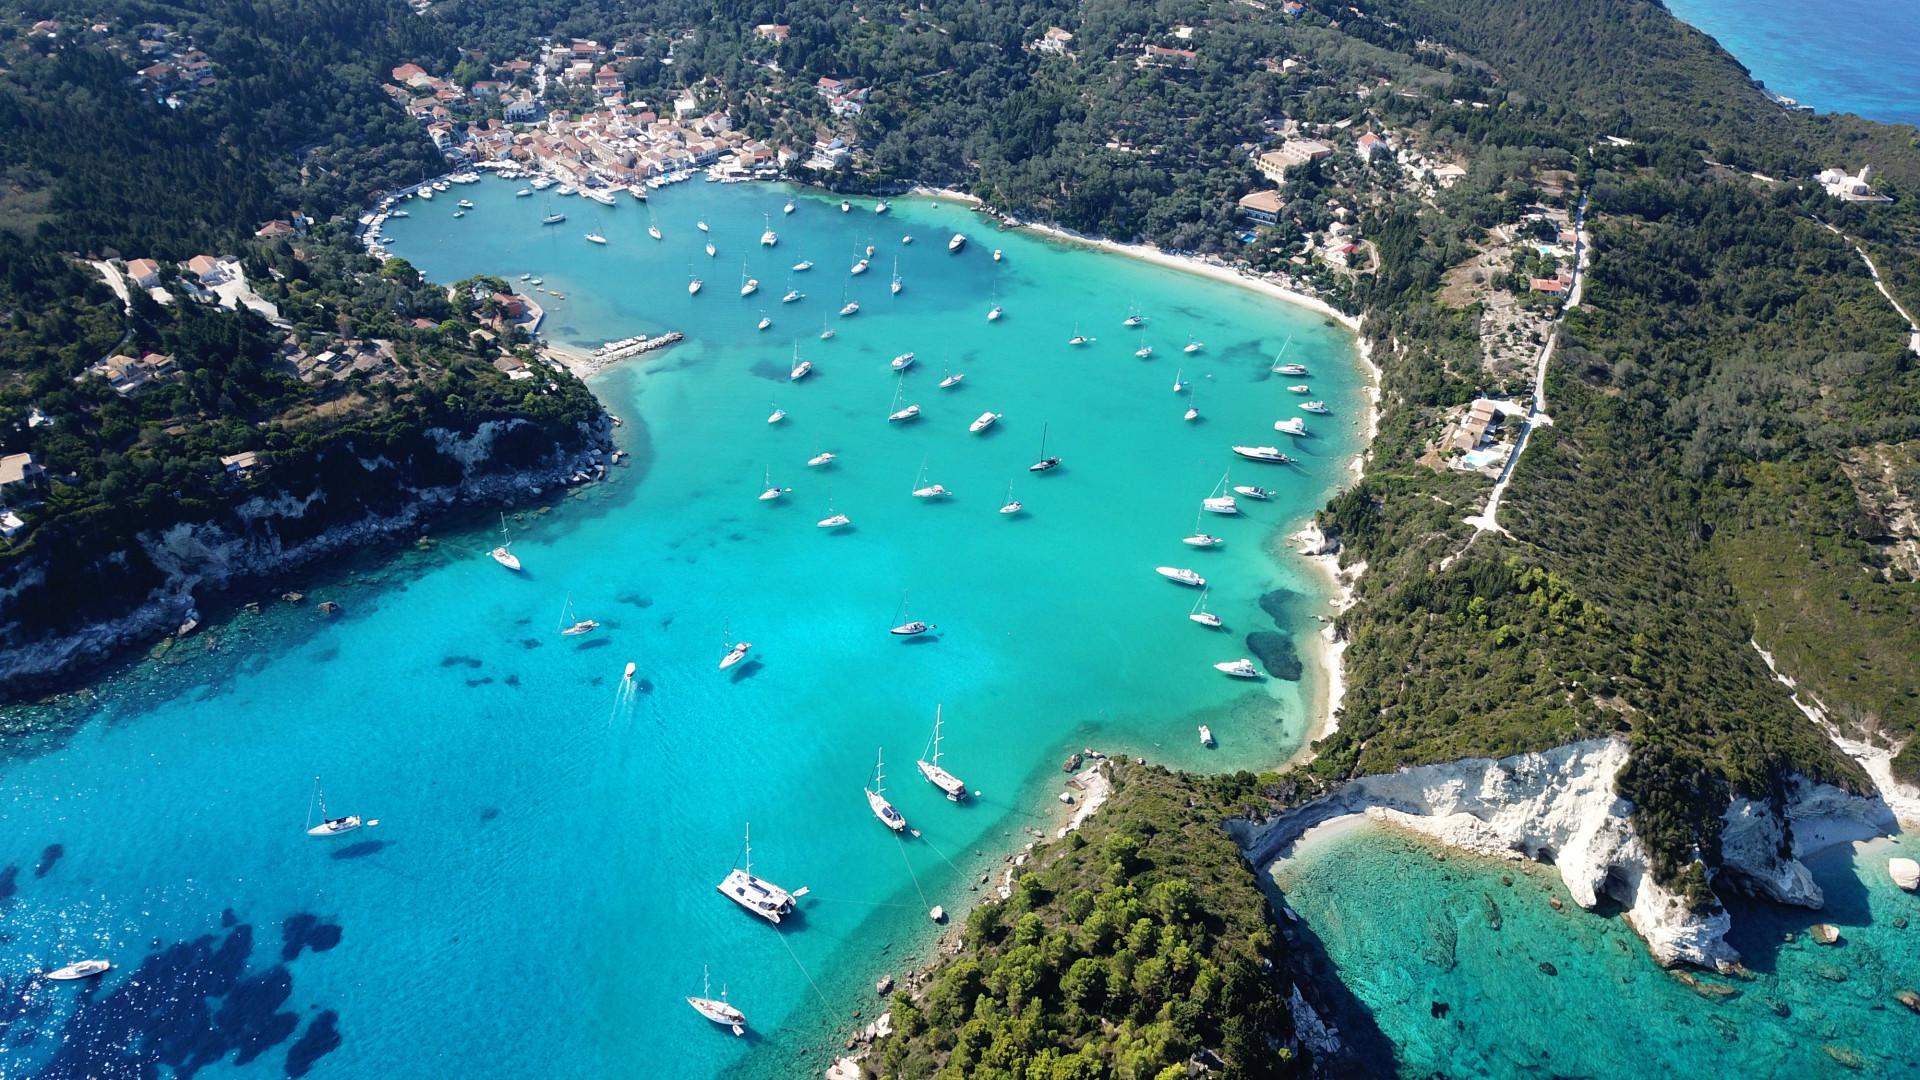 Luchtfoto van kleine haven en vissersdorpje Lakka met zeilboten in de baai, Paxos eiland, Griekenland